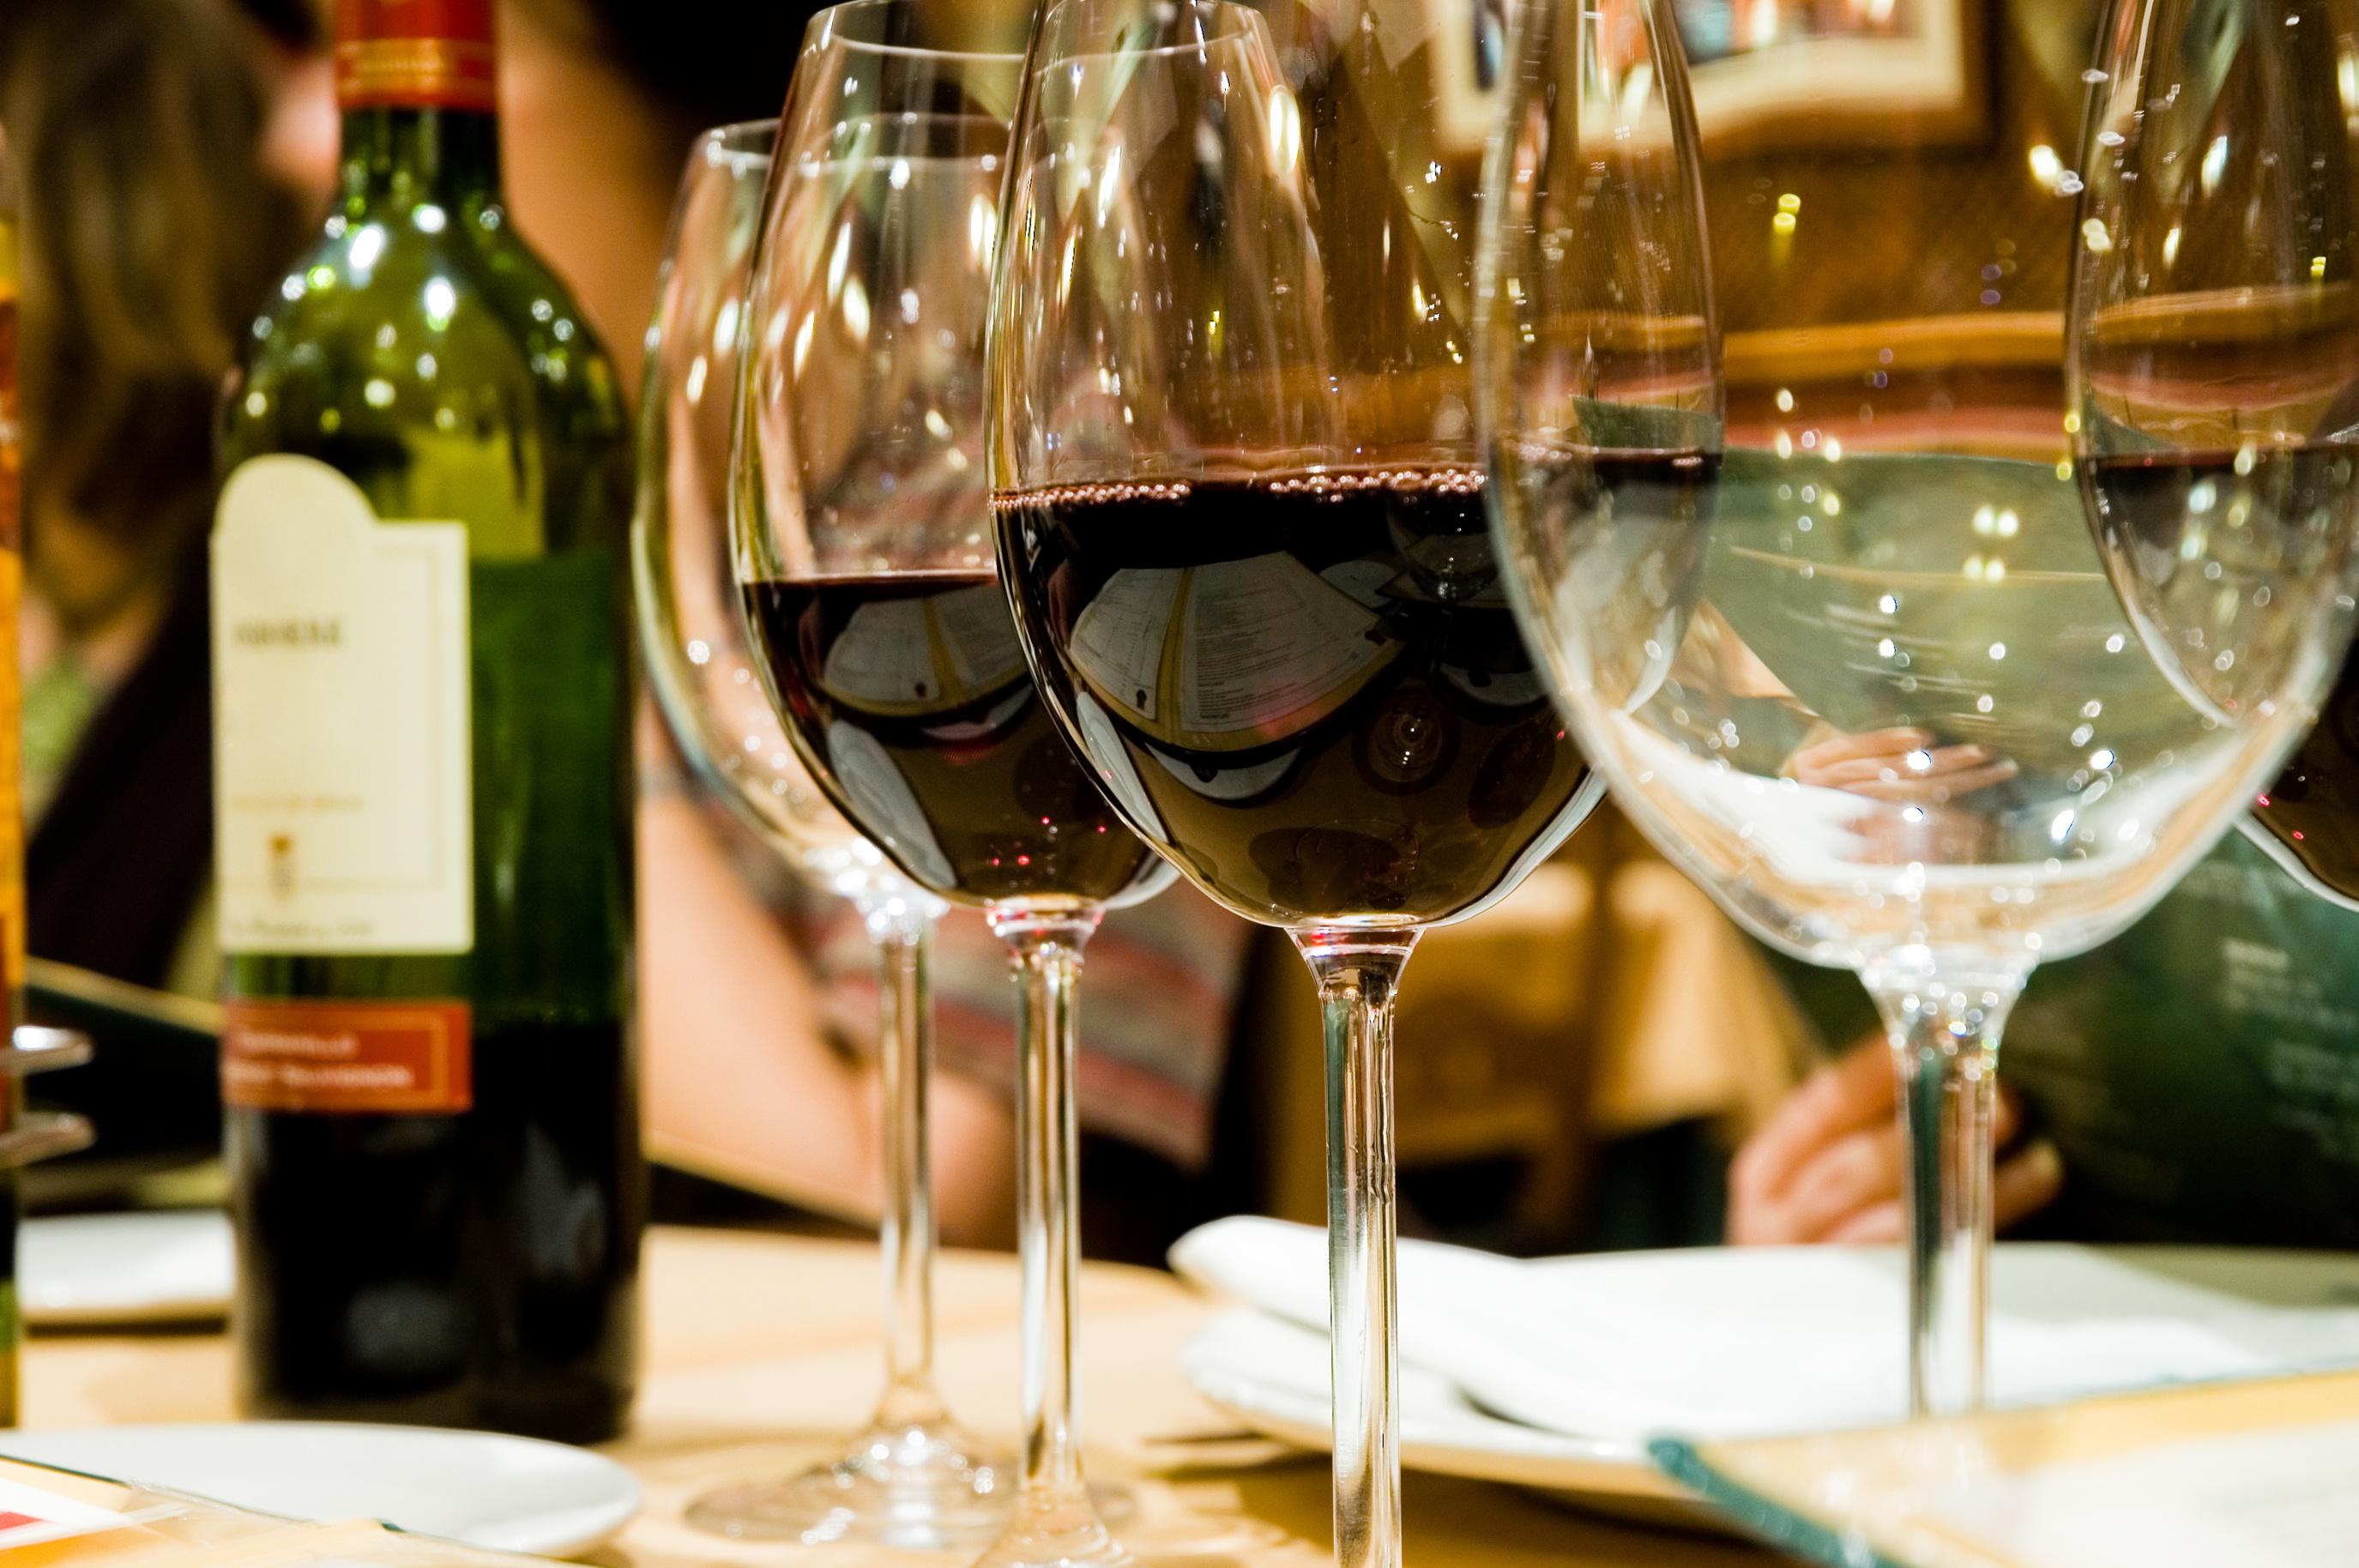 グラスに入ったワインとワインボトル